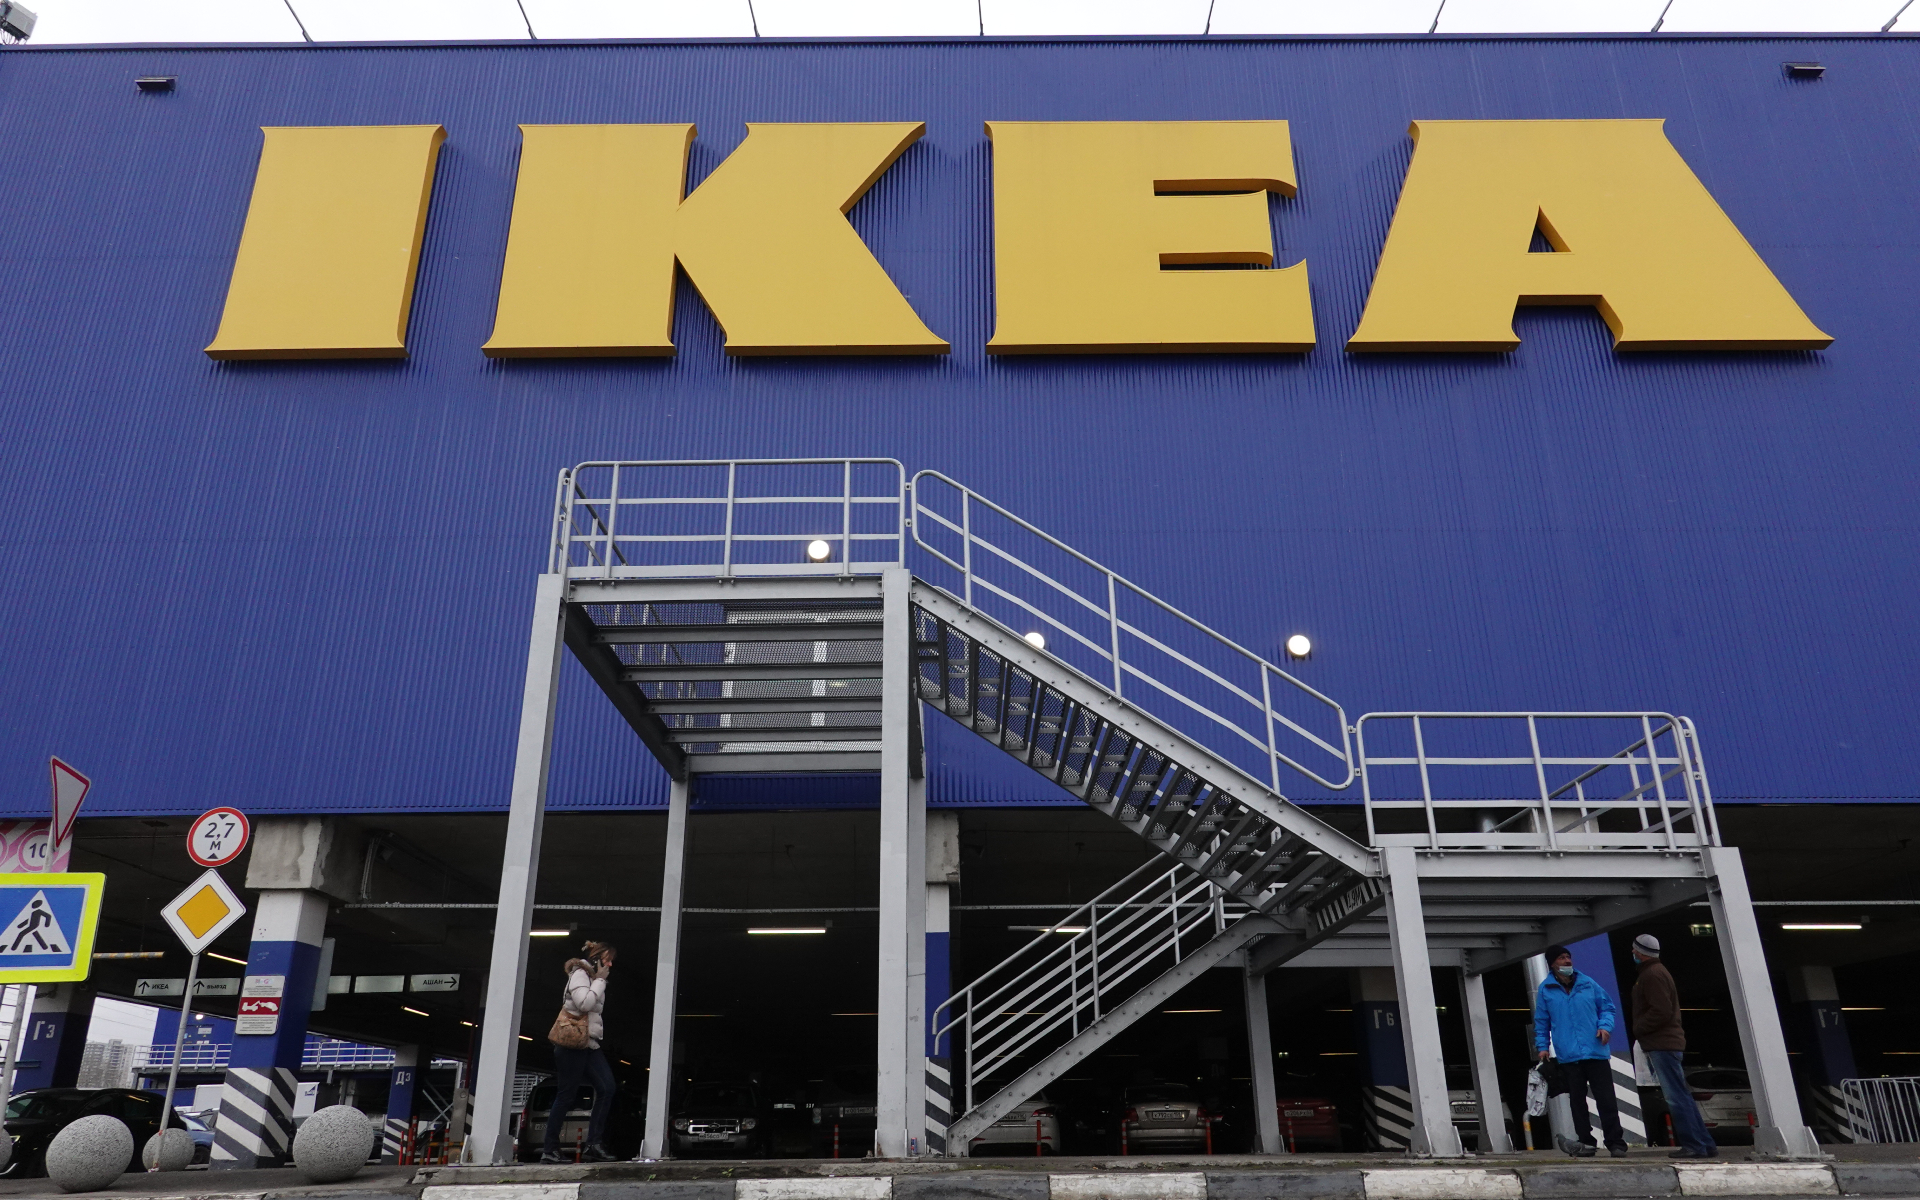 Какой Магазин Икеа Самый Большой В Москве